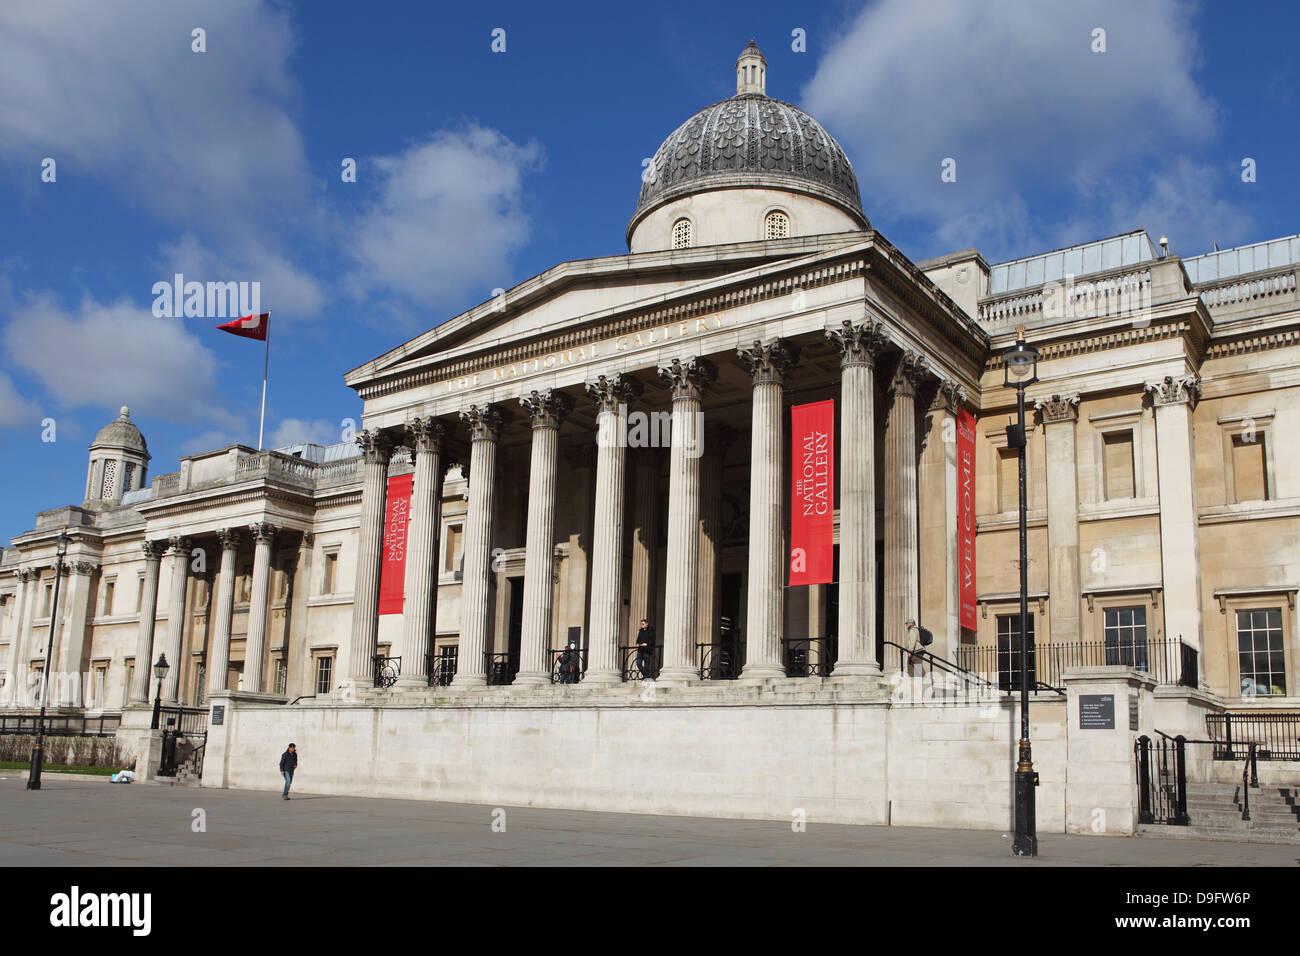 La Galería Nacional, Trafalgar Square, Londres, Inglaterra, Reino Unido. Imagen De Stock